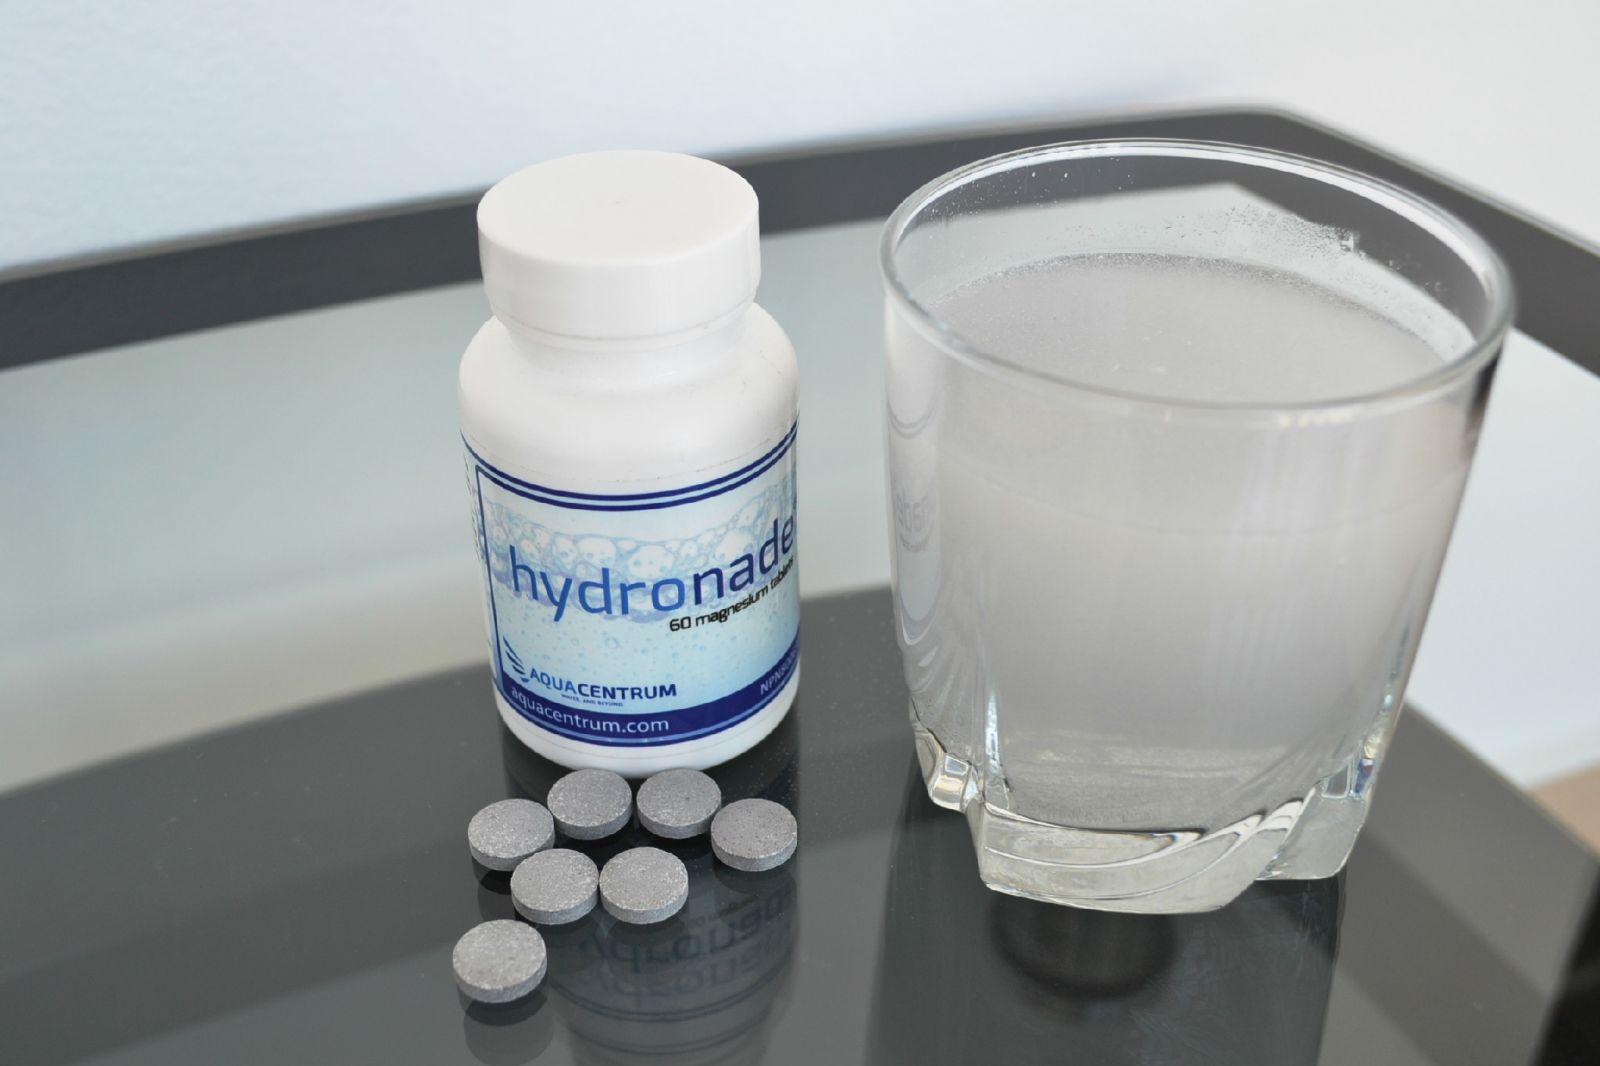 Šumivé tablety Hydronade s obsahom horčíka a molekulárneho vodíka